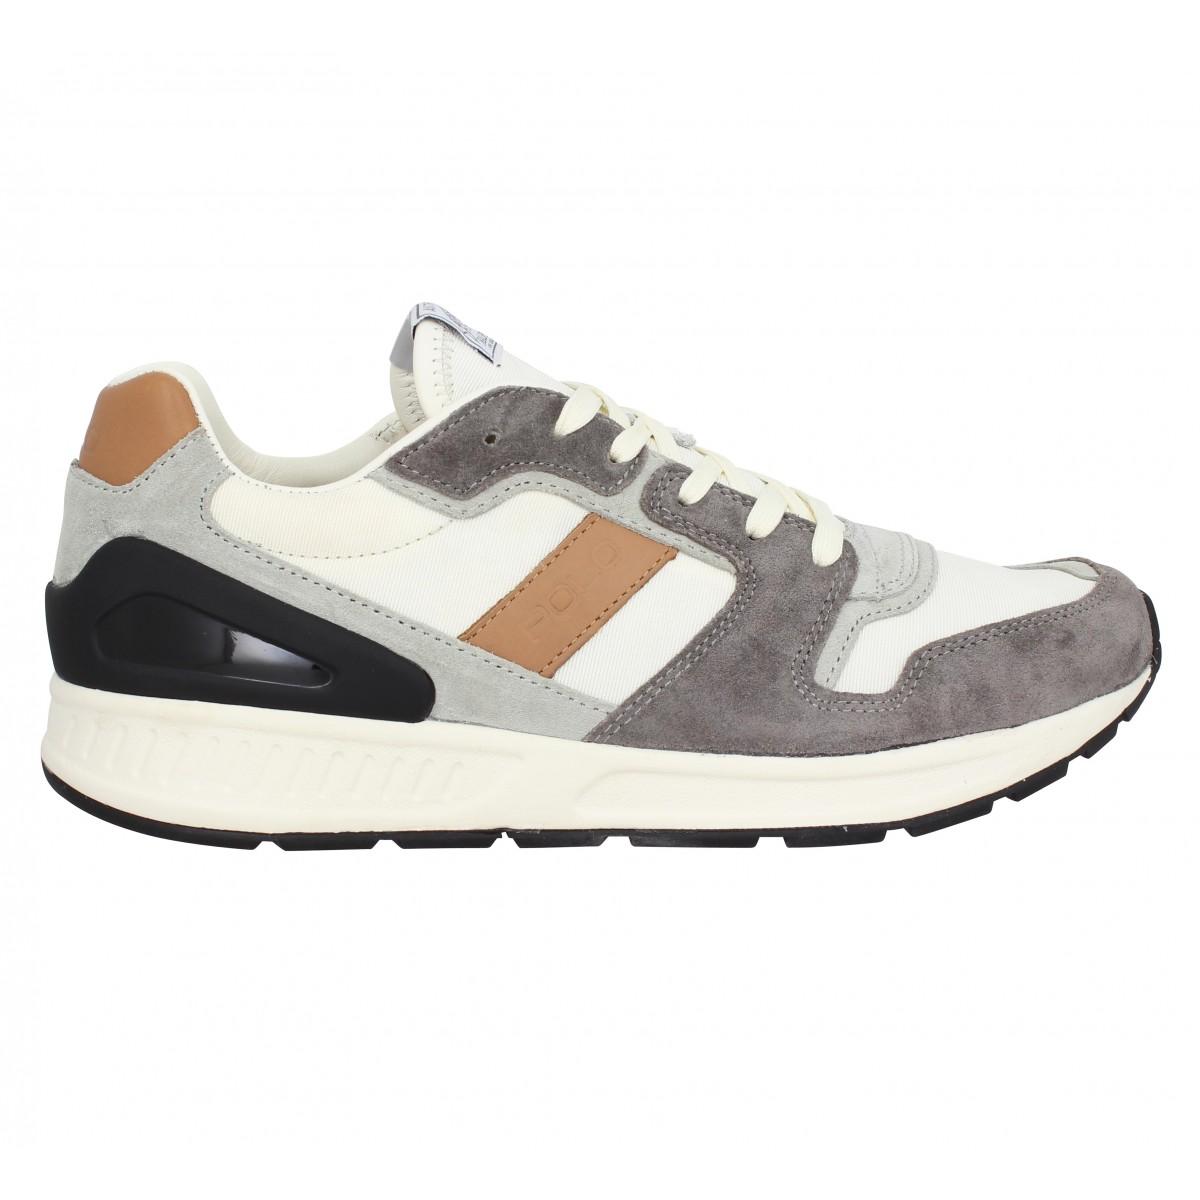 Chaussures Polo ralph lauren train 100 toile homme gris homme ... 060fc44c0dcf